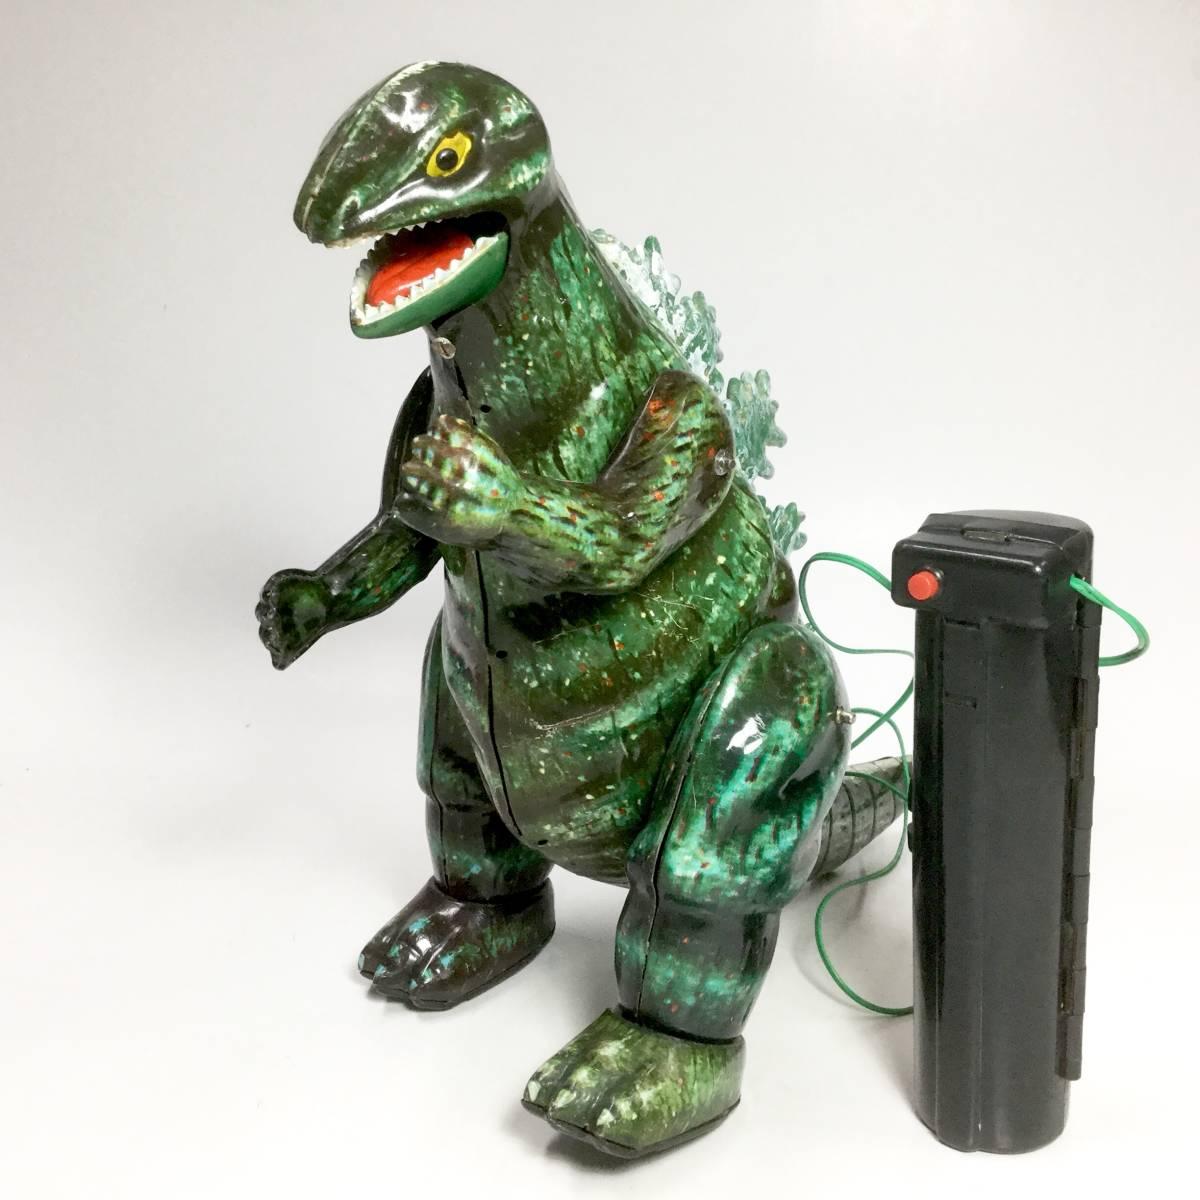 ゴジラ マルサン 電動リモコン オリジナル 2足歩行 ブリキ玩具 1960年代 当時もの レトロ ビンテージ 怪獣 東宝特撮